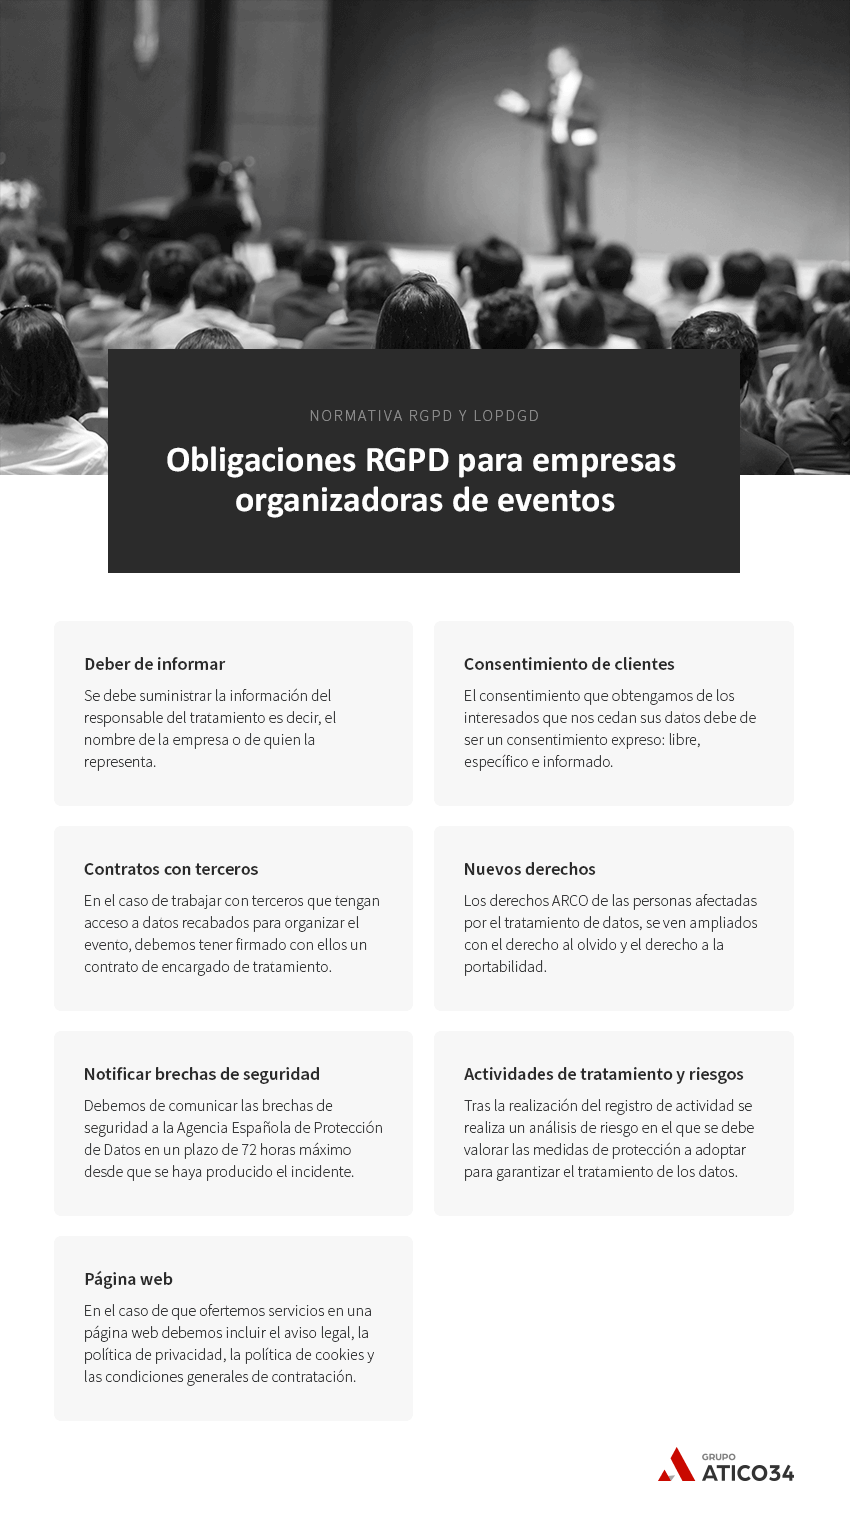 obligaciones rgpd empresas organizadoras eventos